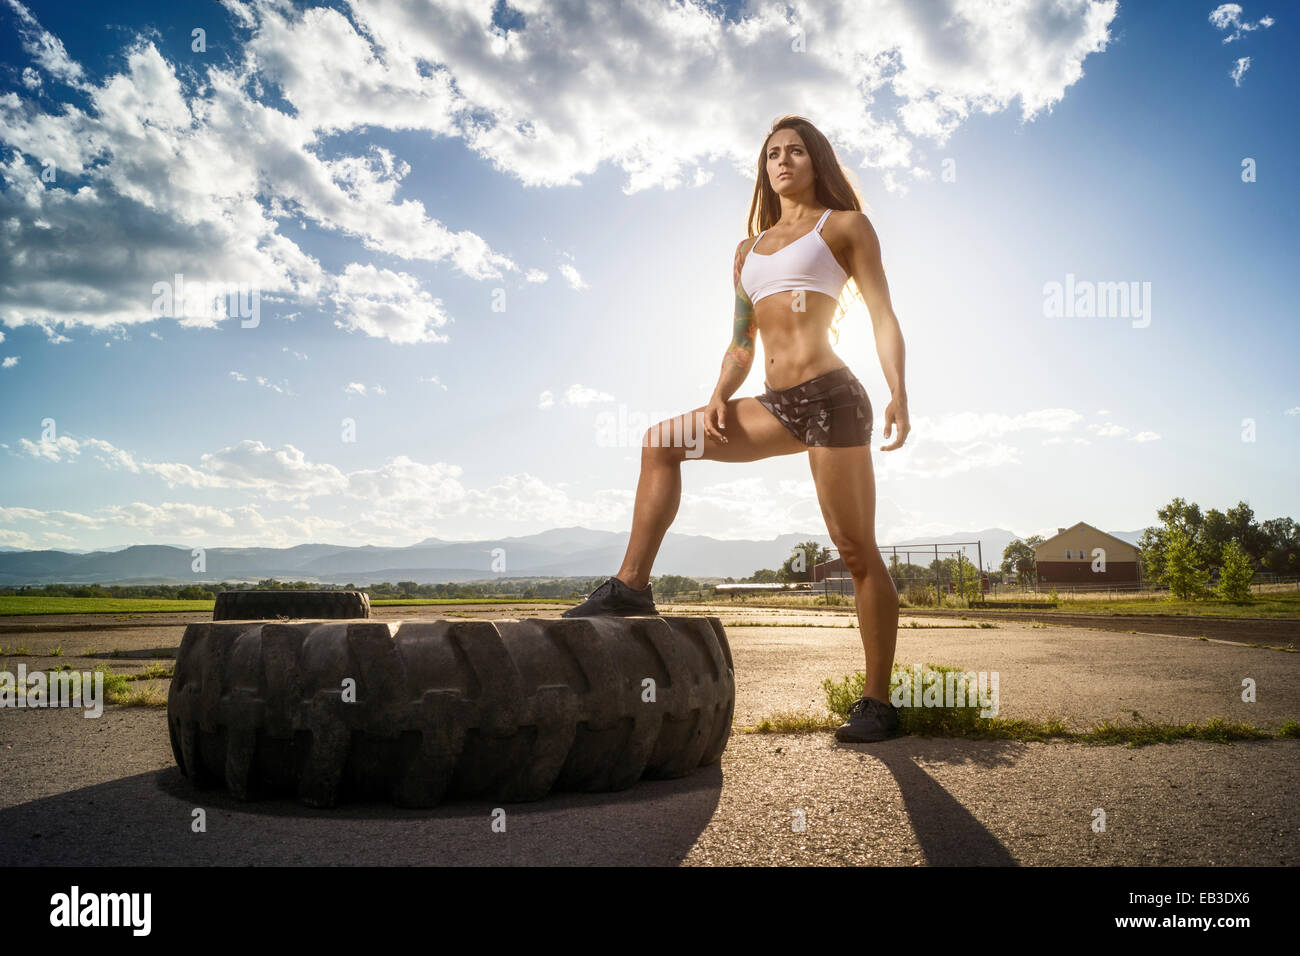 USA, Californie, Comté de Jefferson, Arvada, athlète féminine posant avec des pneus piste Photo Stock